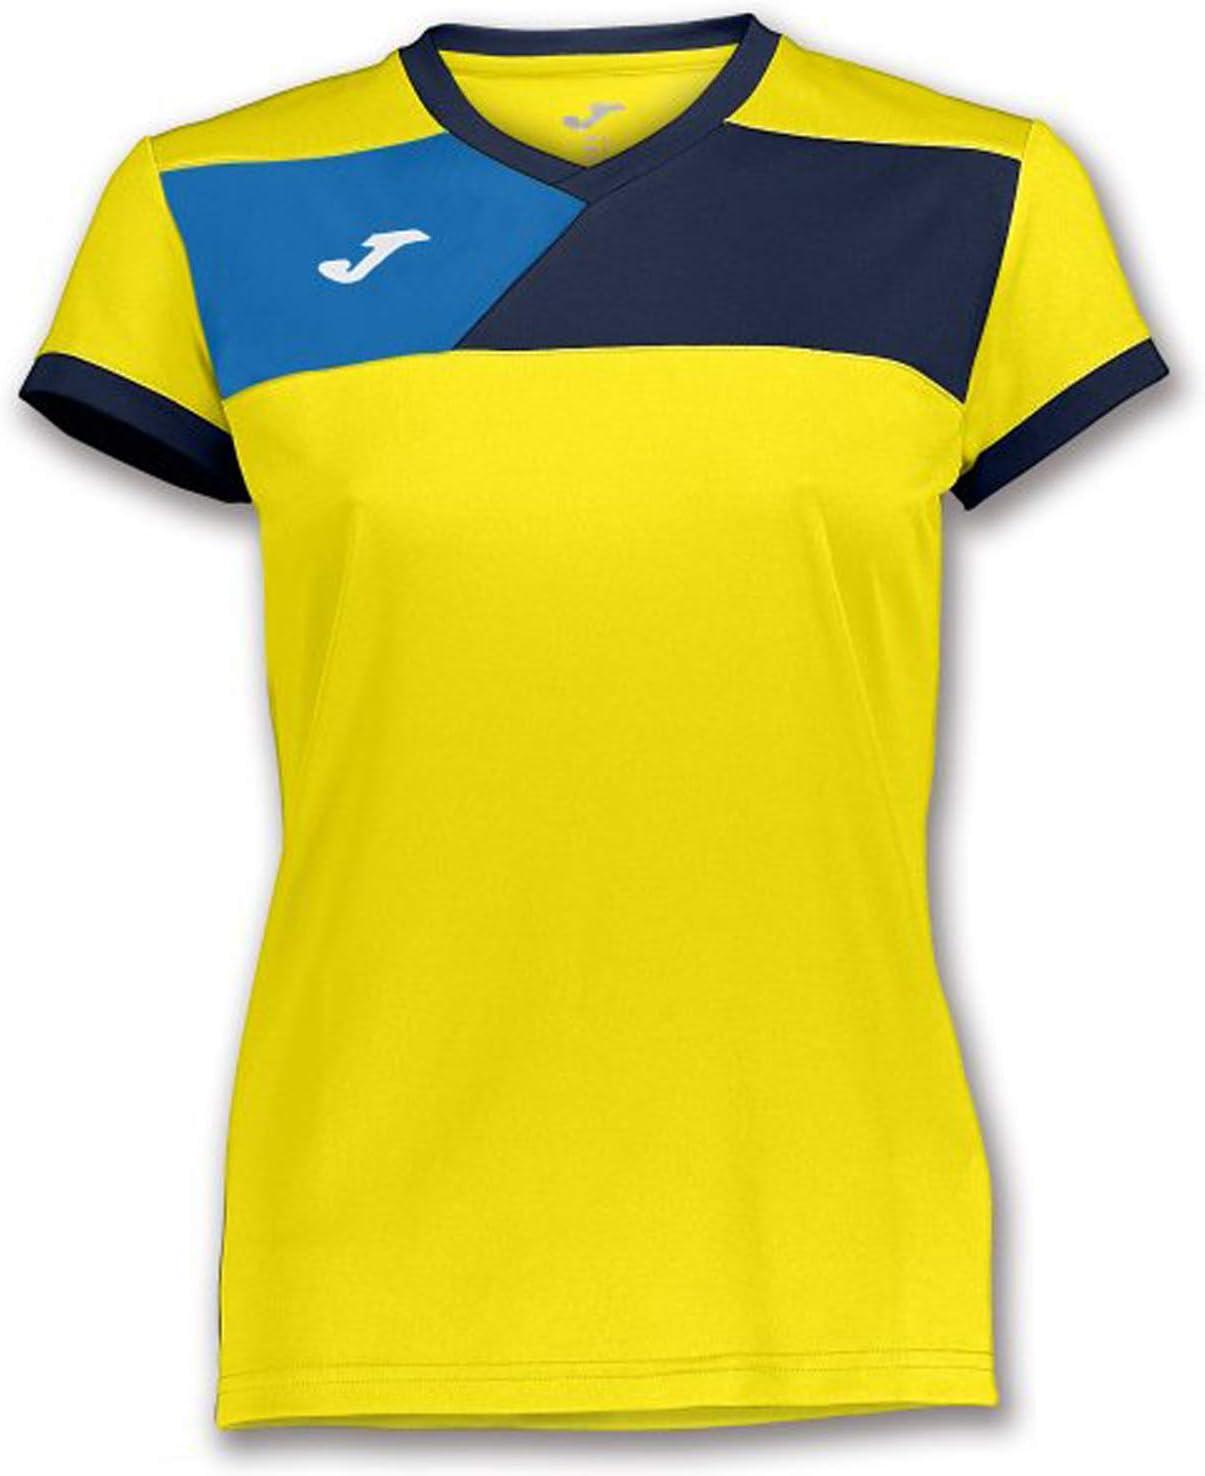 Joma Camiseta Trikots Crew II 900385.903: Amazon.es: Deportes y ...